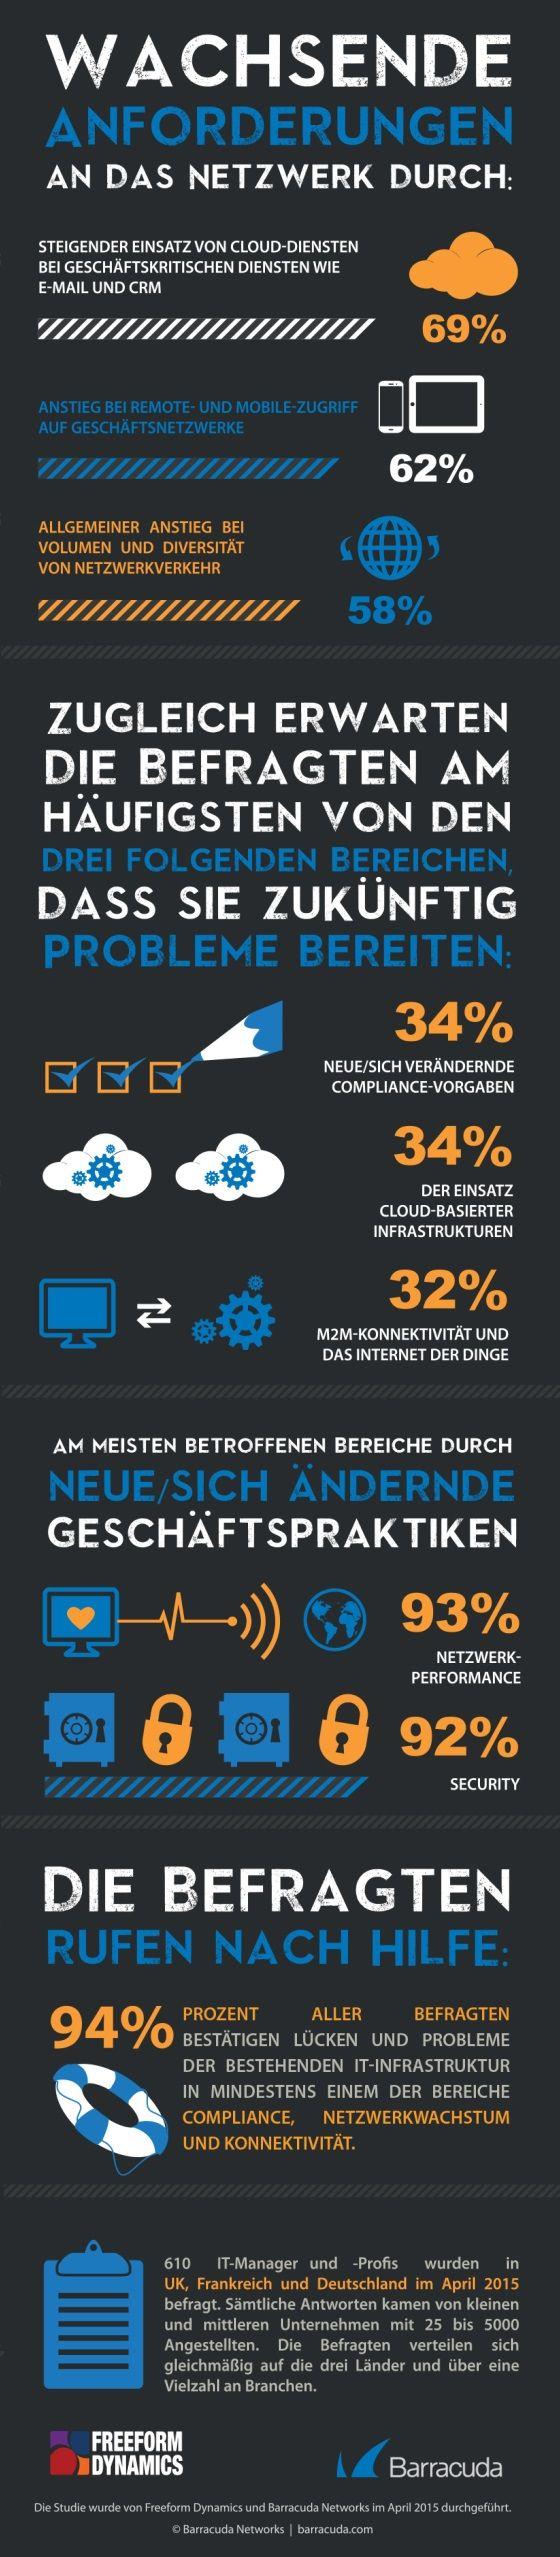 #Cloud & #Mobile belasten die IT-Infrastruktur bei zwei Drittel der Unternehmen in Europa